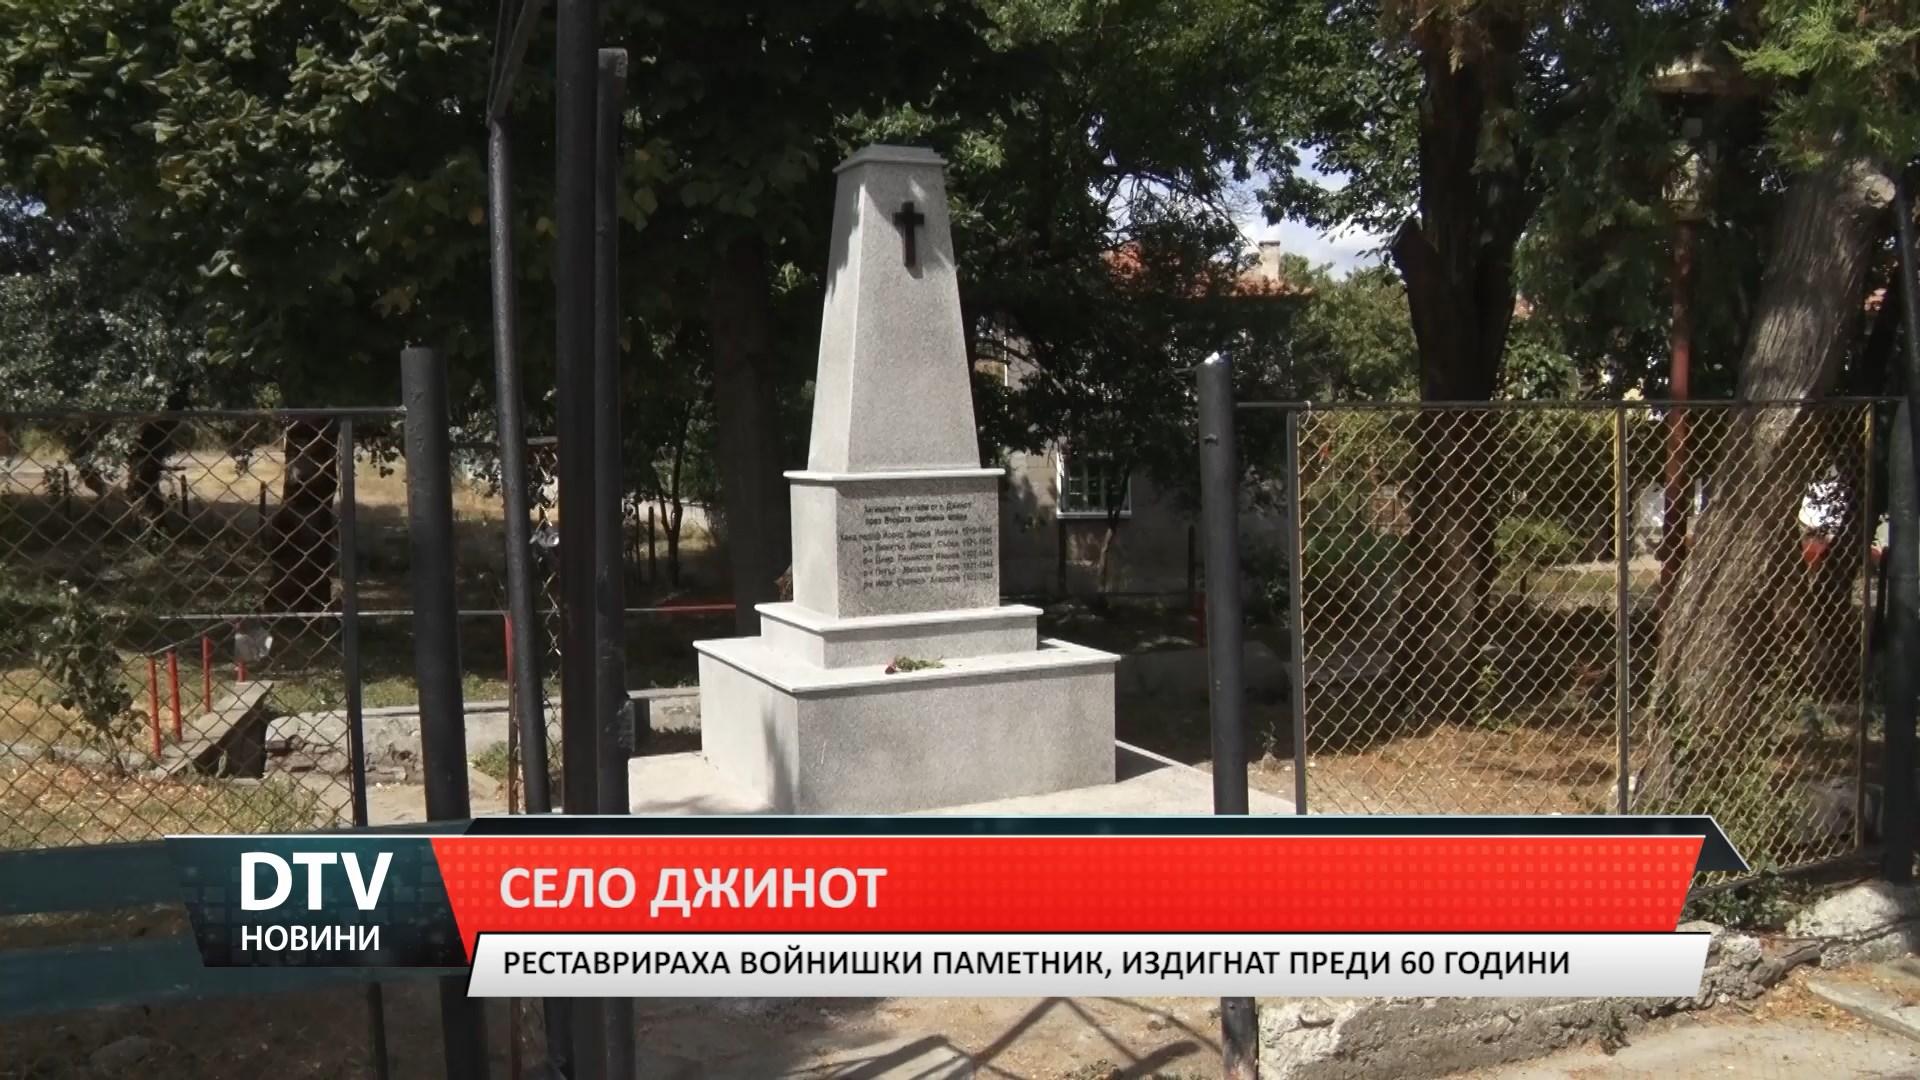 Реставрираха войнишки паметник в Джинот